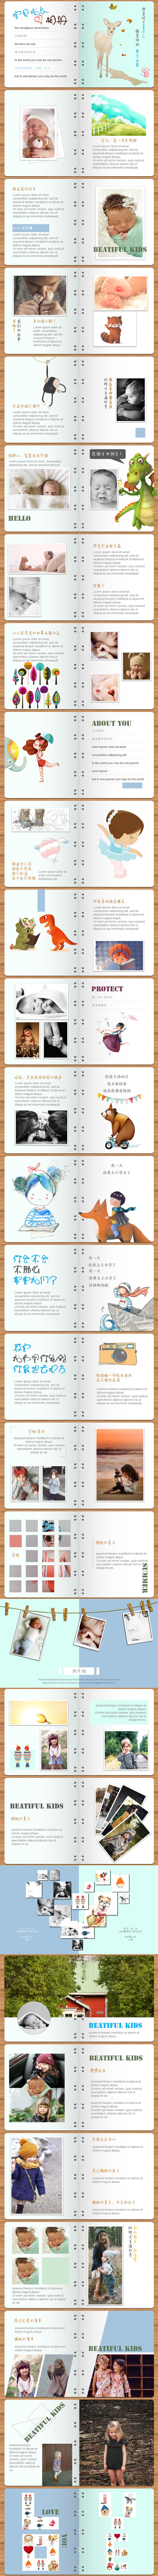 """ppt模板卡通动漫文艺手绘童话可爱儿童成长相册生"""""""